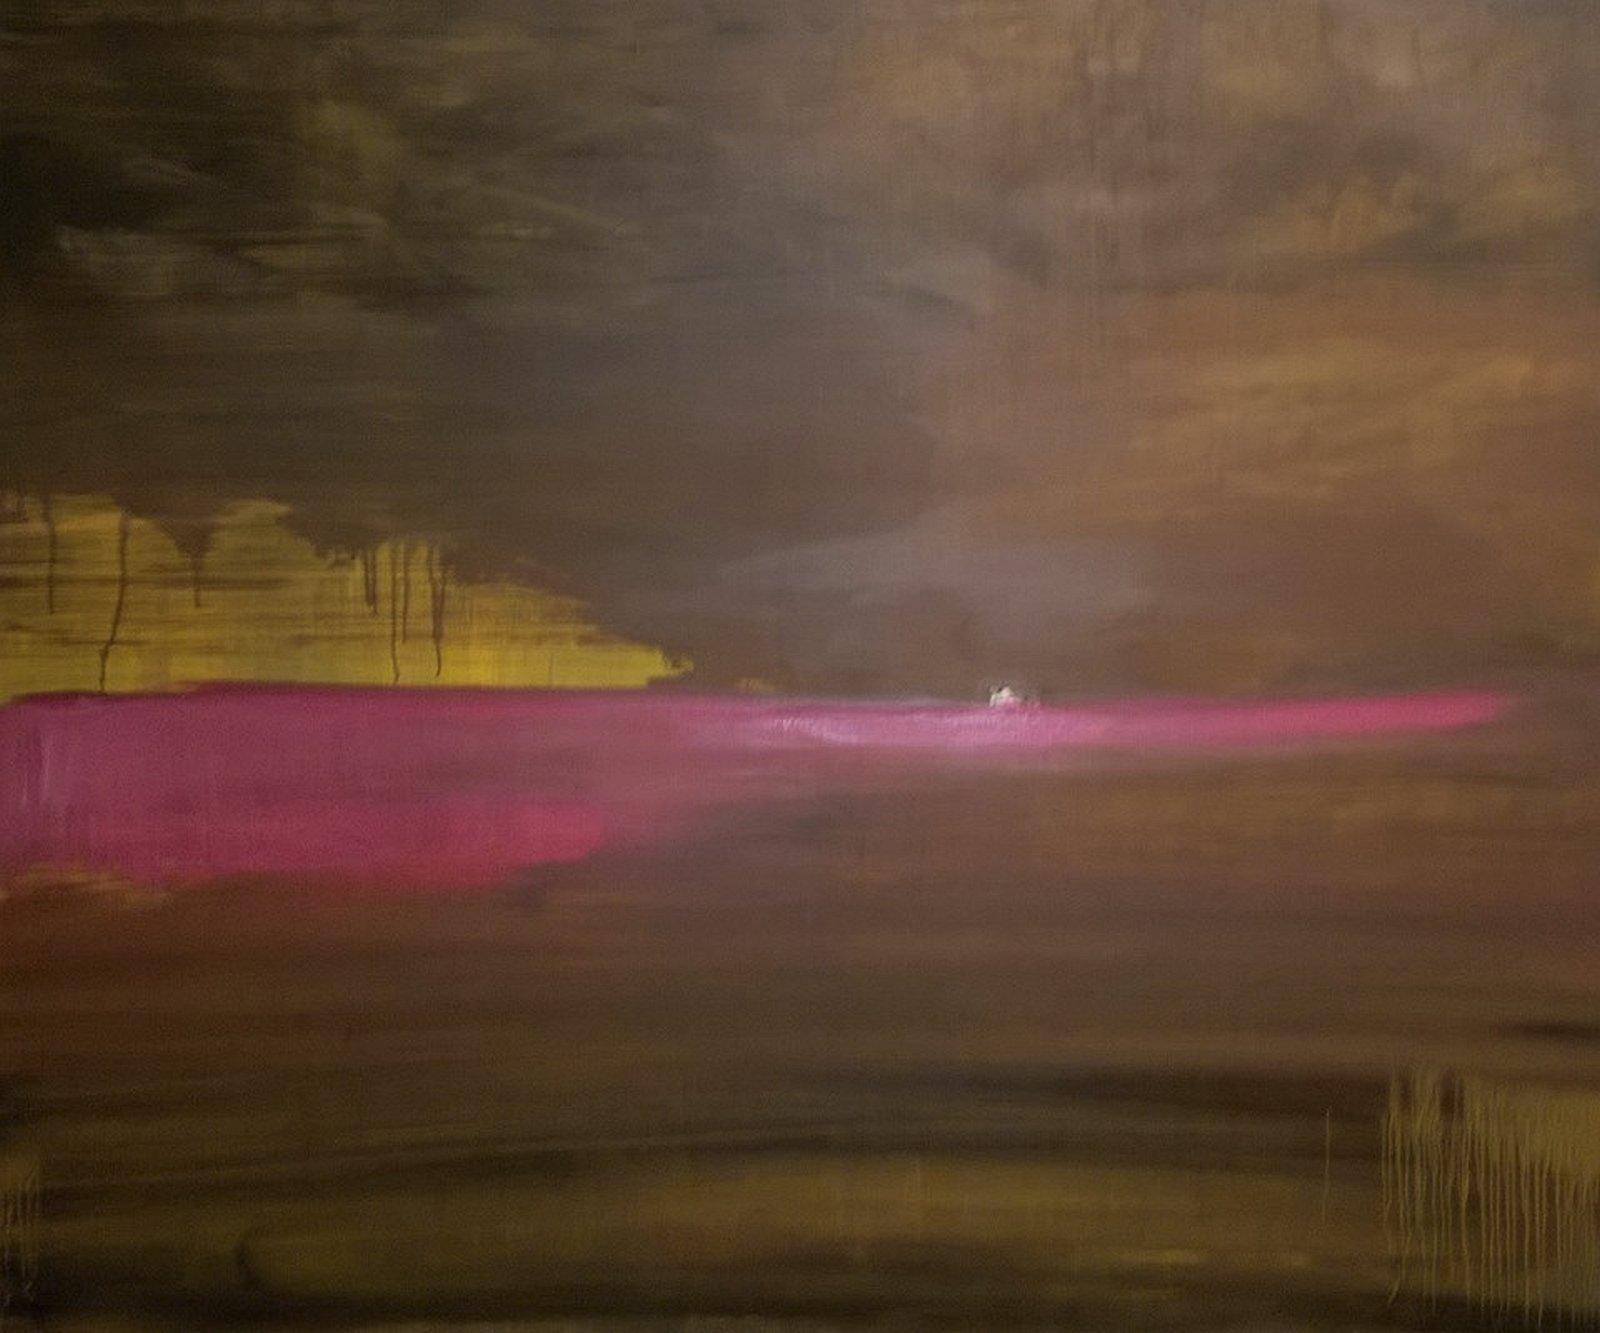 zalegajac-olej-pltno-120x100cm_web